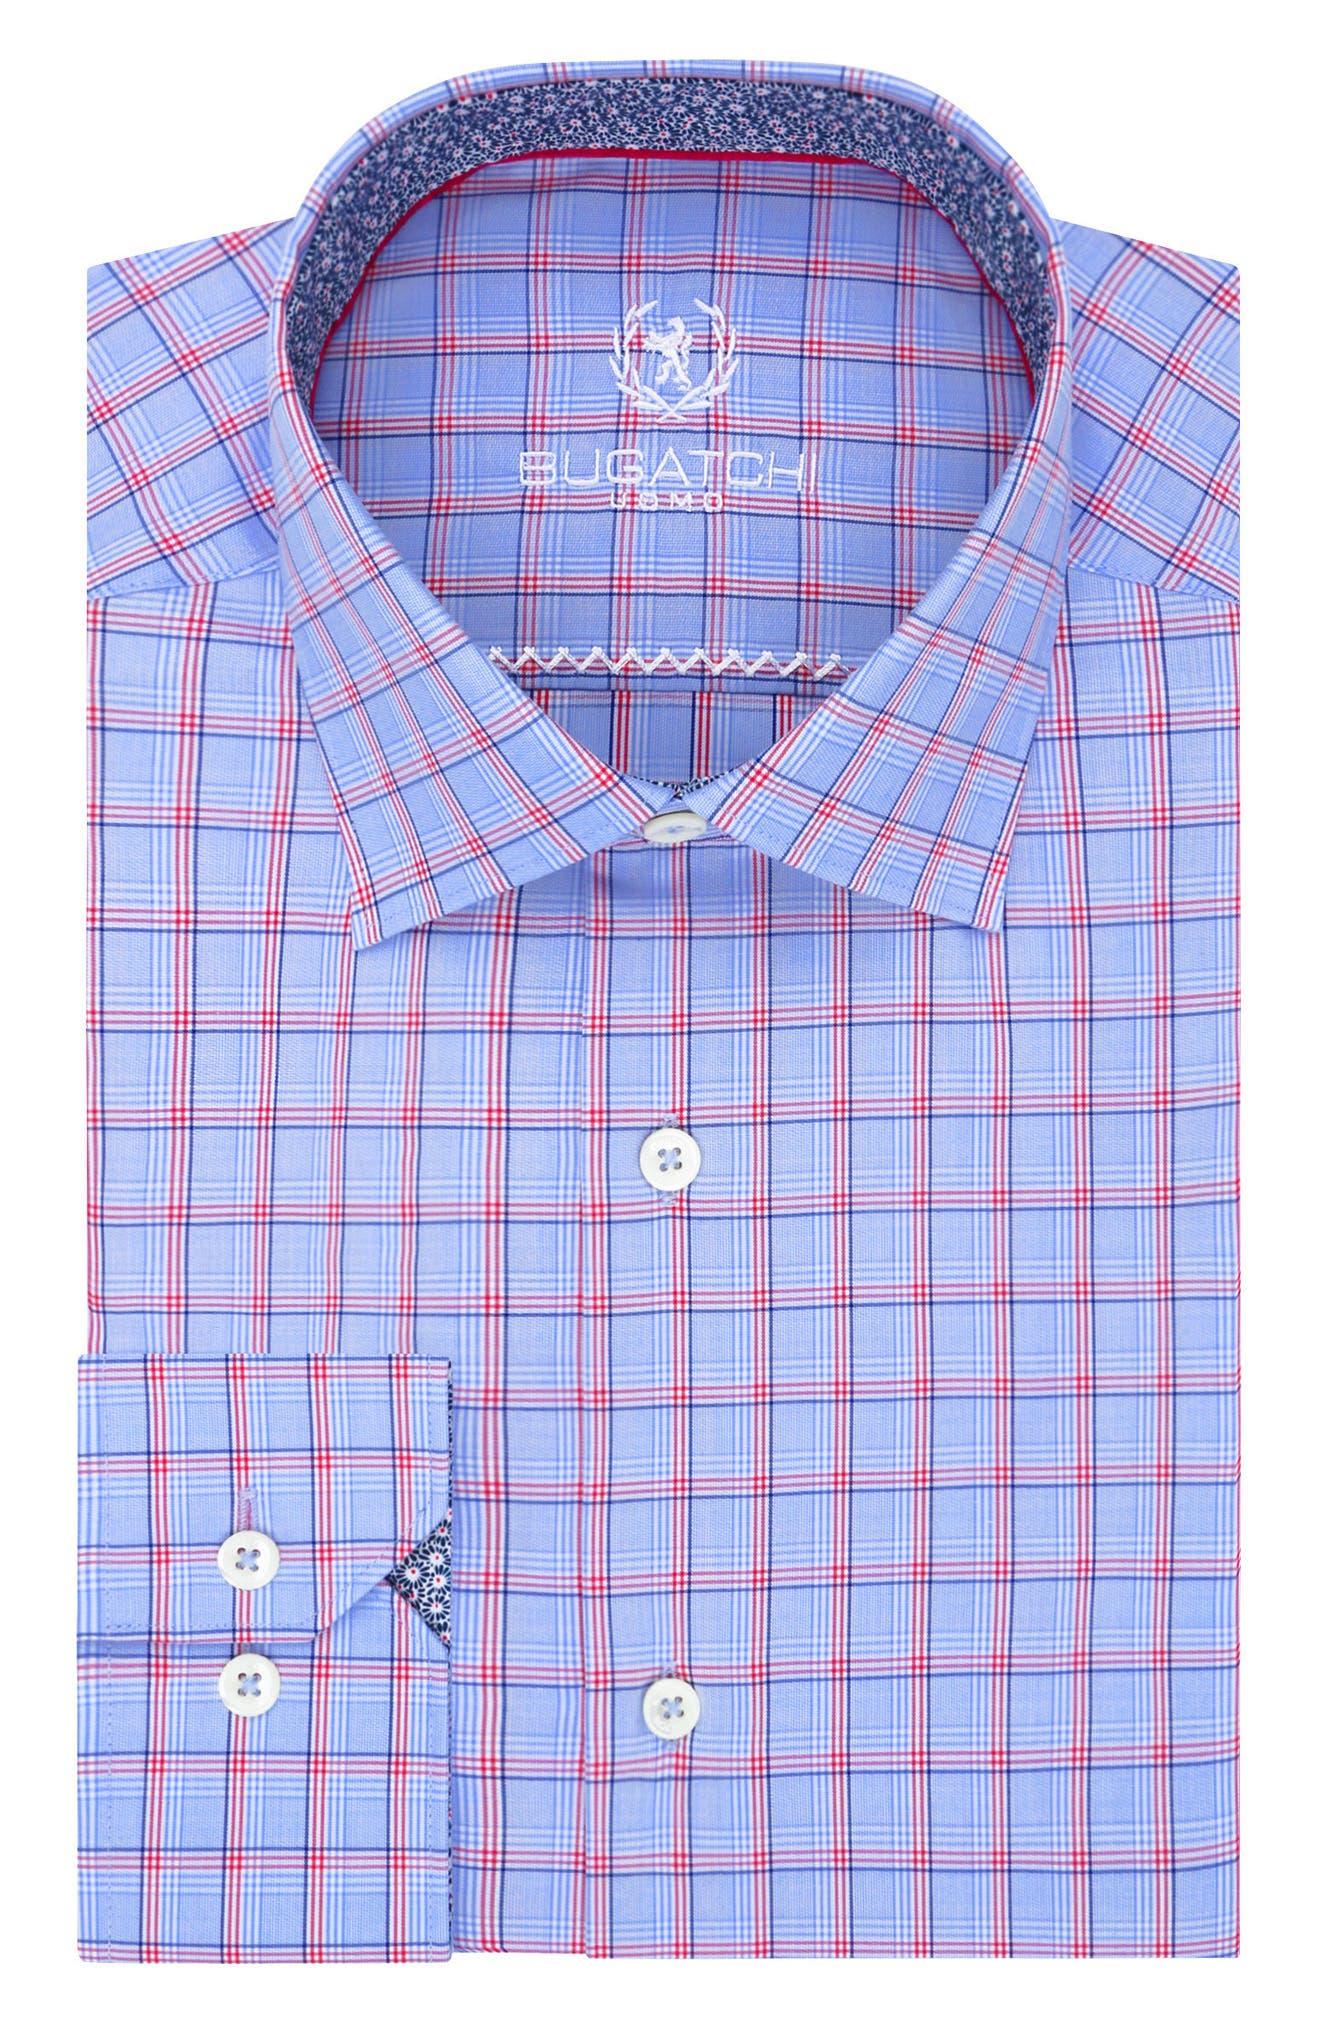 Trim Fit Plaid Dress Shirt,                             Main thumbnail 1, color,                             422